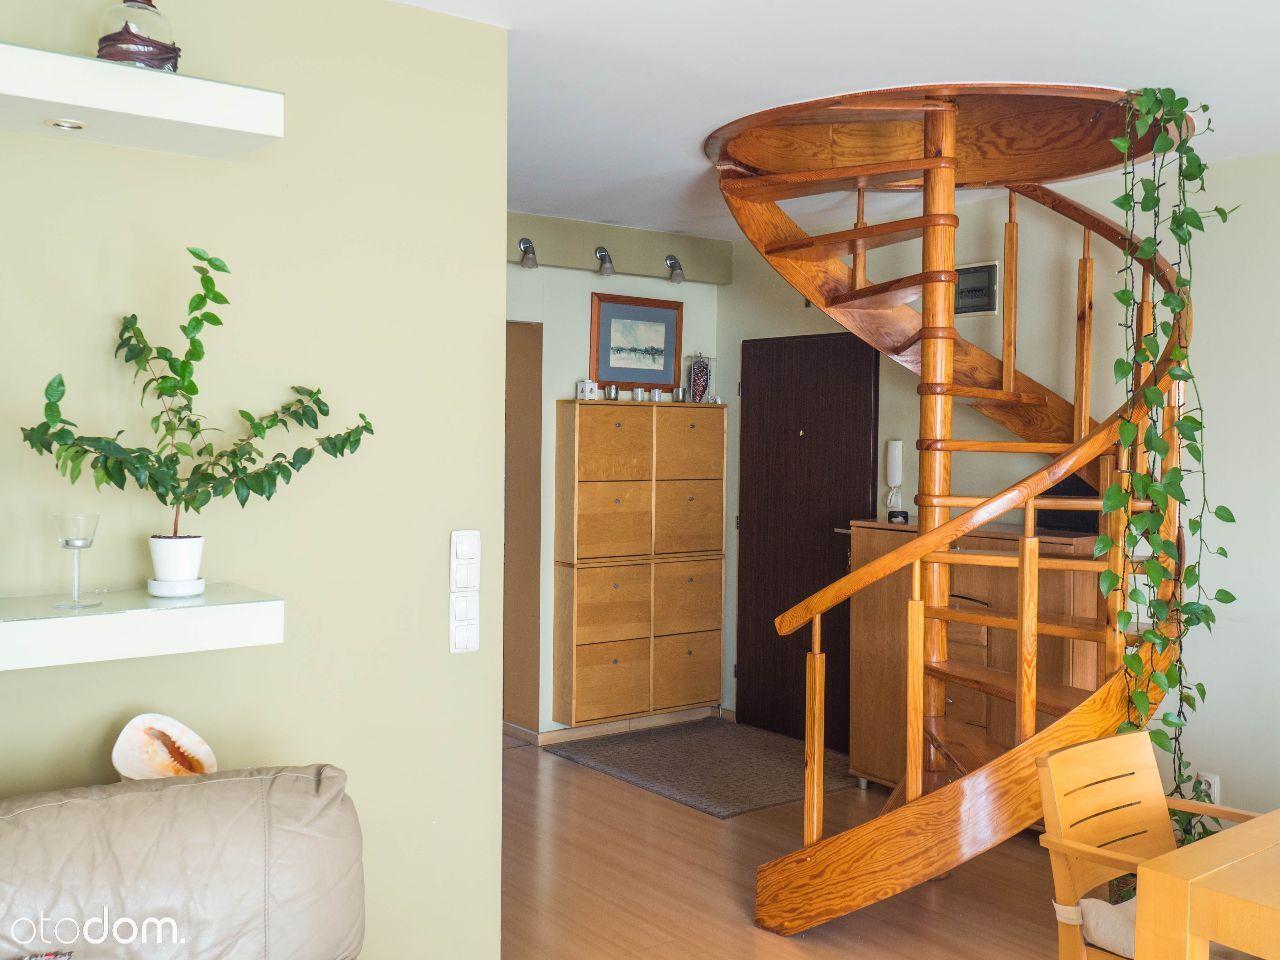 Bezpośrednio, wyjątkowe dwupoziomowe mieszkanie